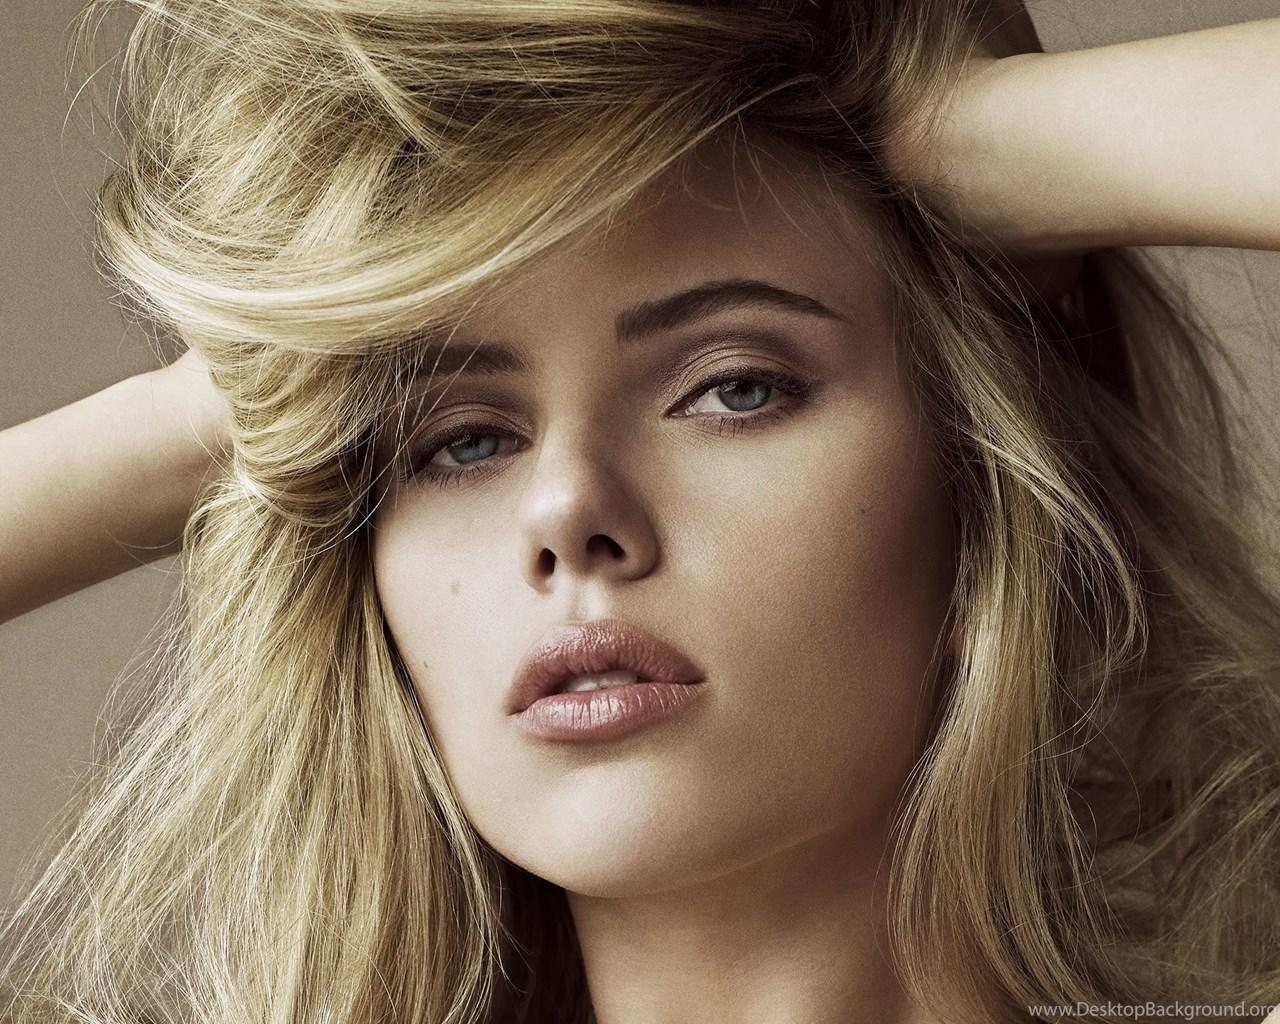 Female celebrity wallpapers hd free download desktop - Free wallpaper celebs ...